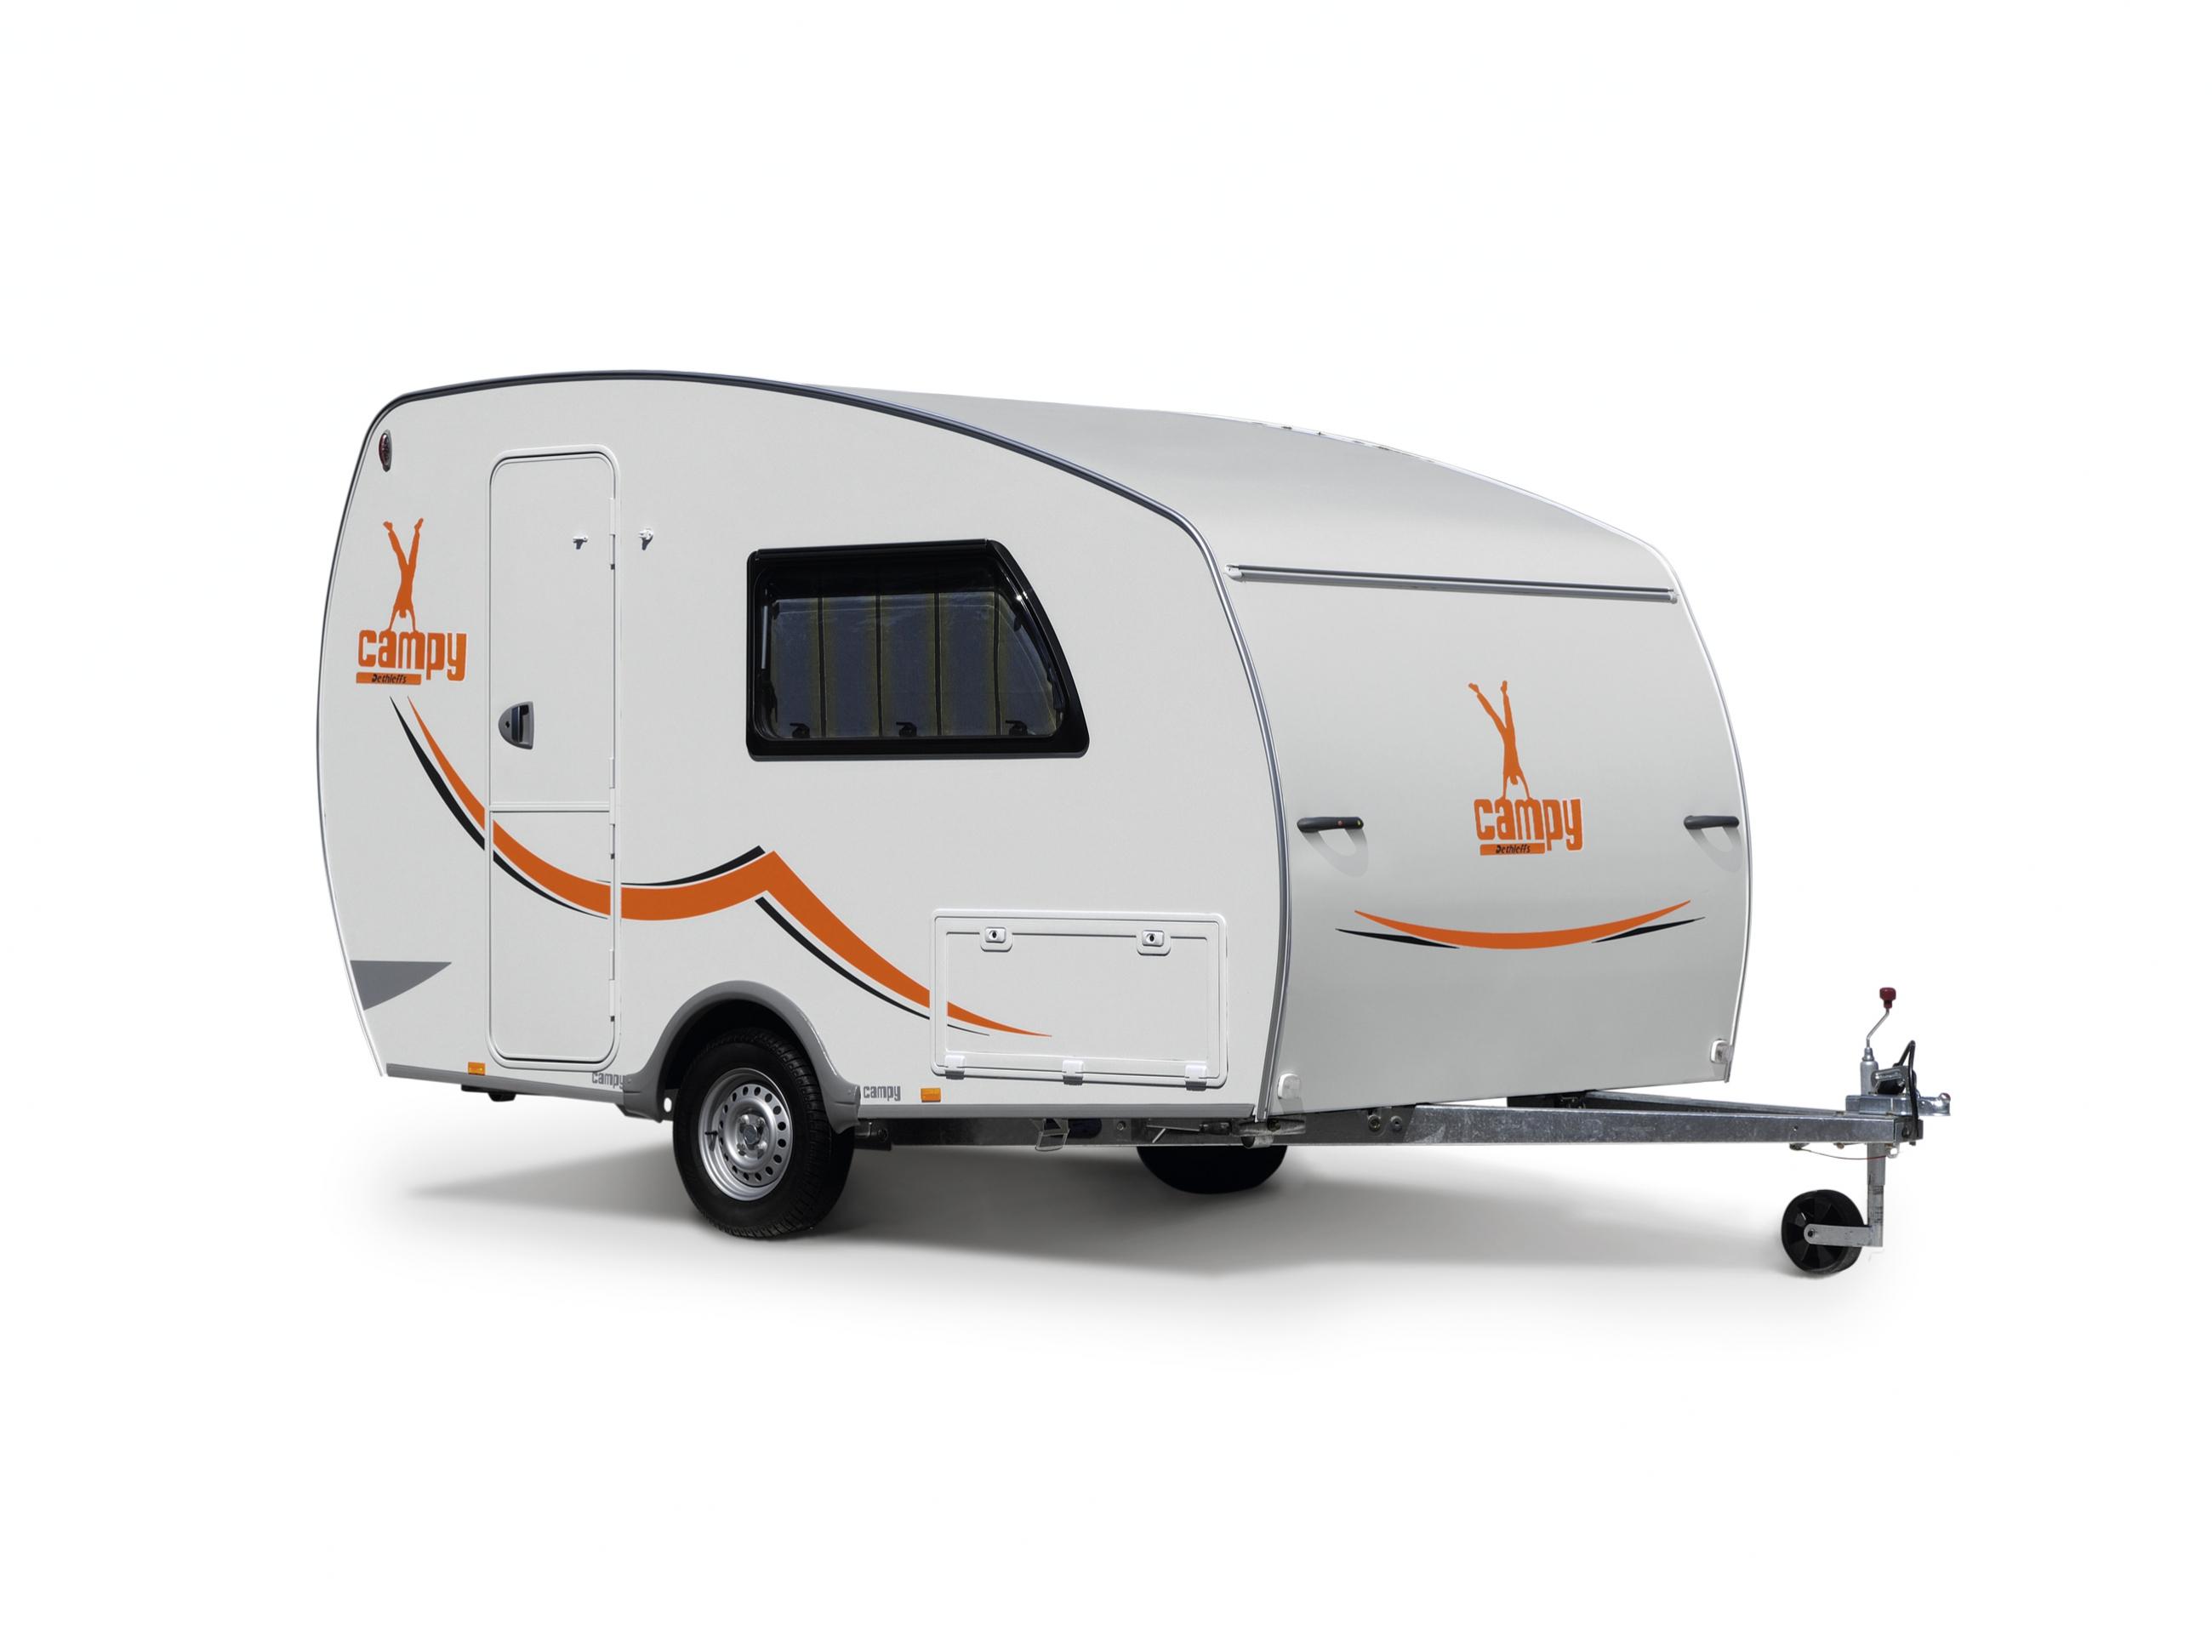 Images of Caravan | 2600x1942